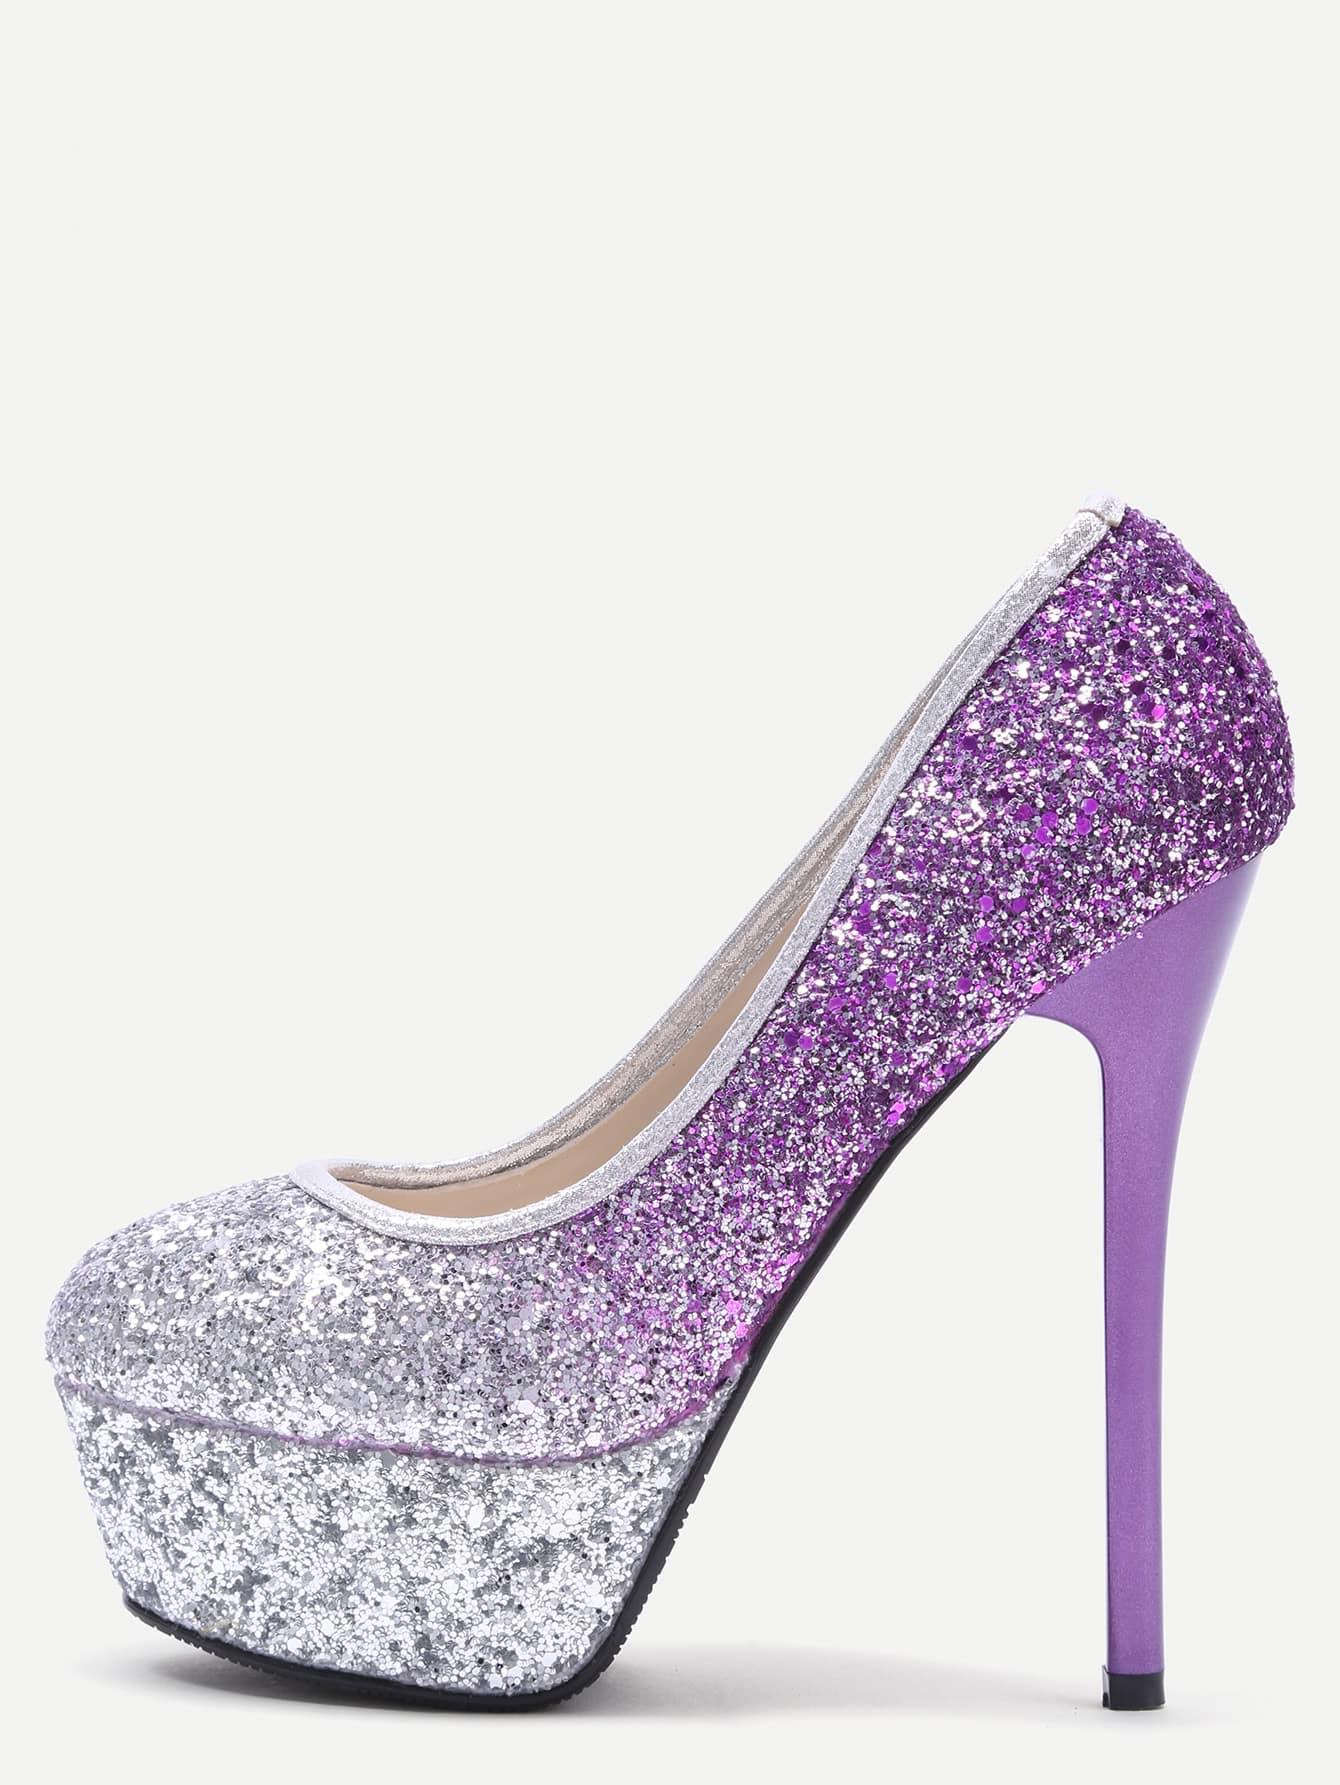 Silver and Purple Sequin Platform Stiletto Pumps shoes161207808